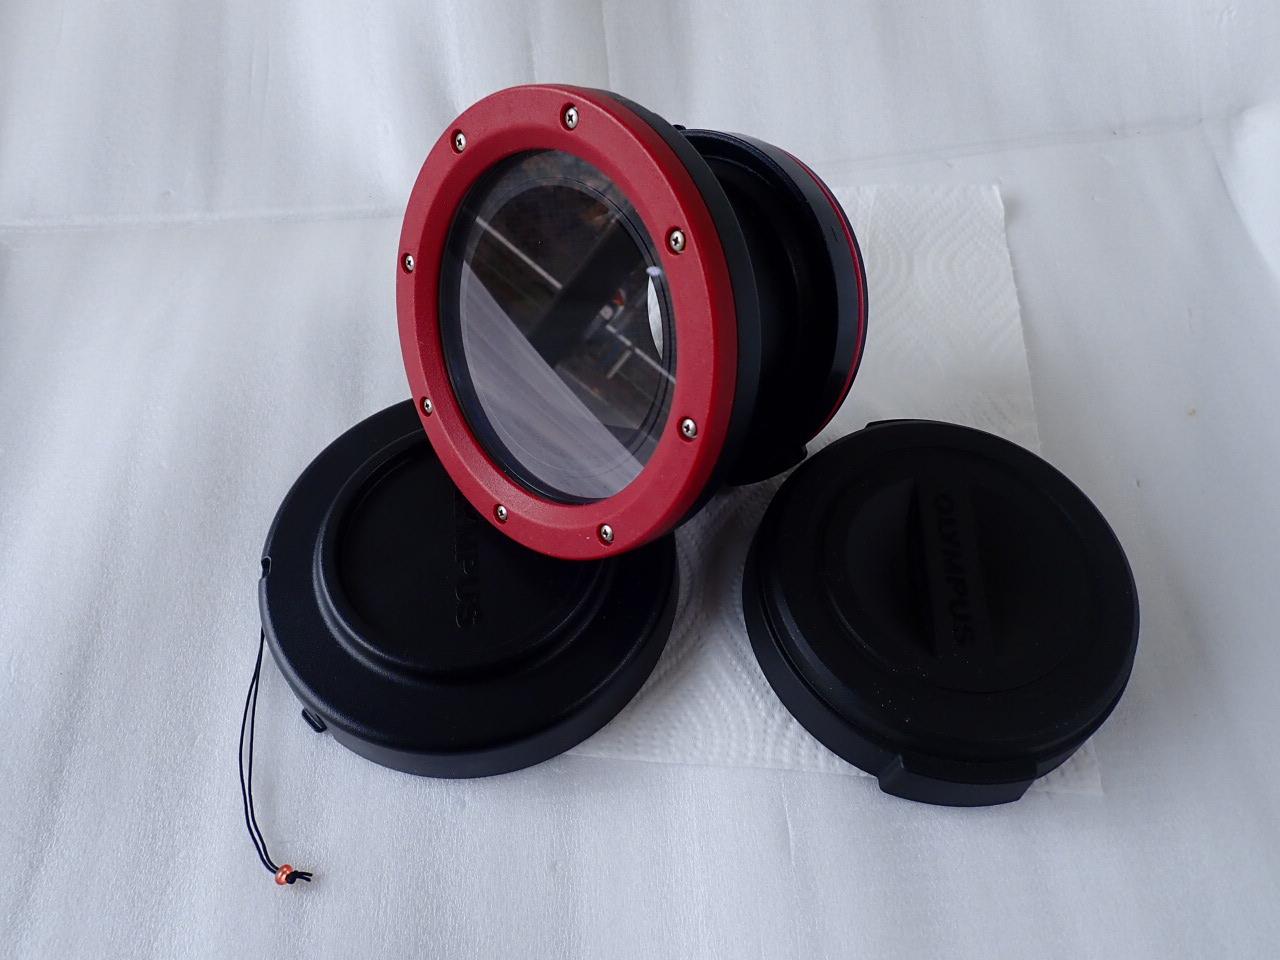 中古水中カメラ機材 オリンパス PPO-EP01 防水レンズポート(PT-EP14 PT-EP11 PT-EP08対応用)